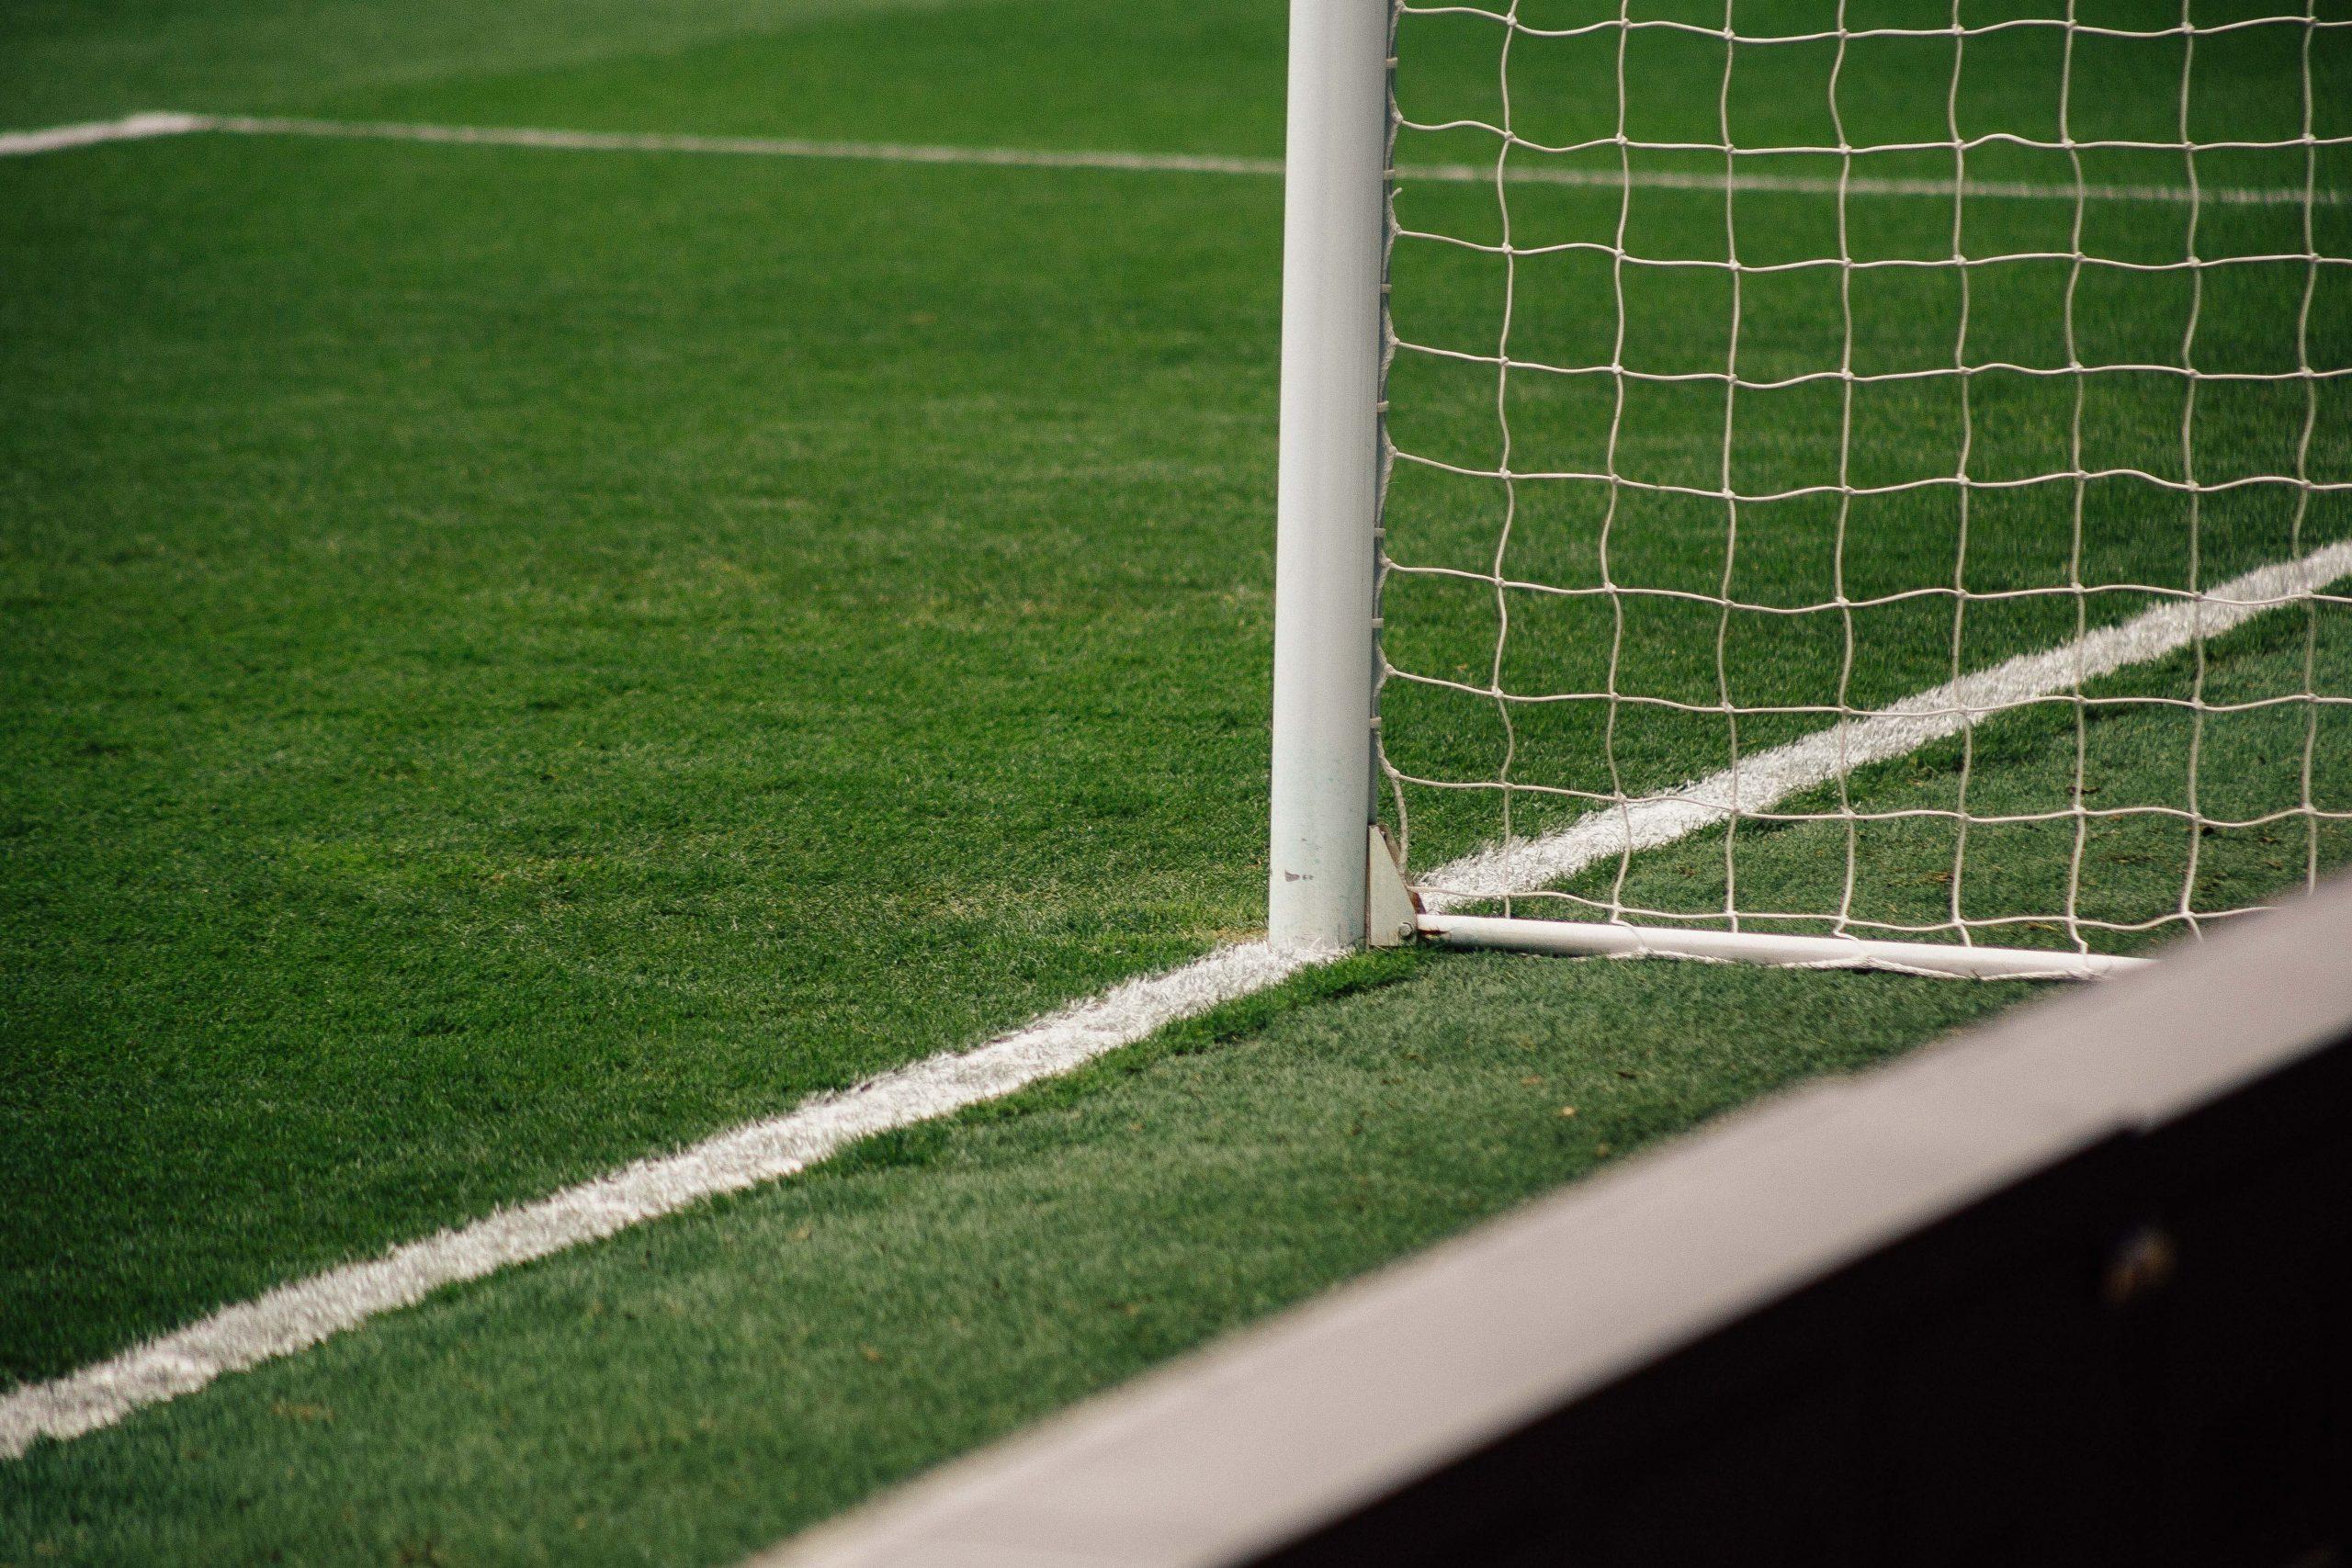 Voetbal vereninging